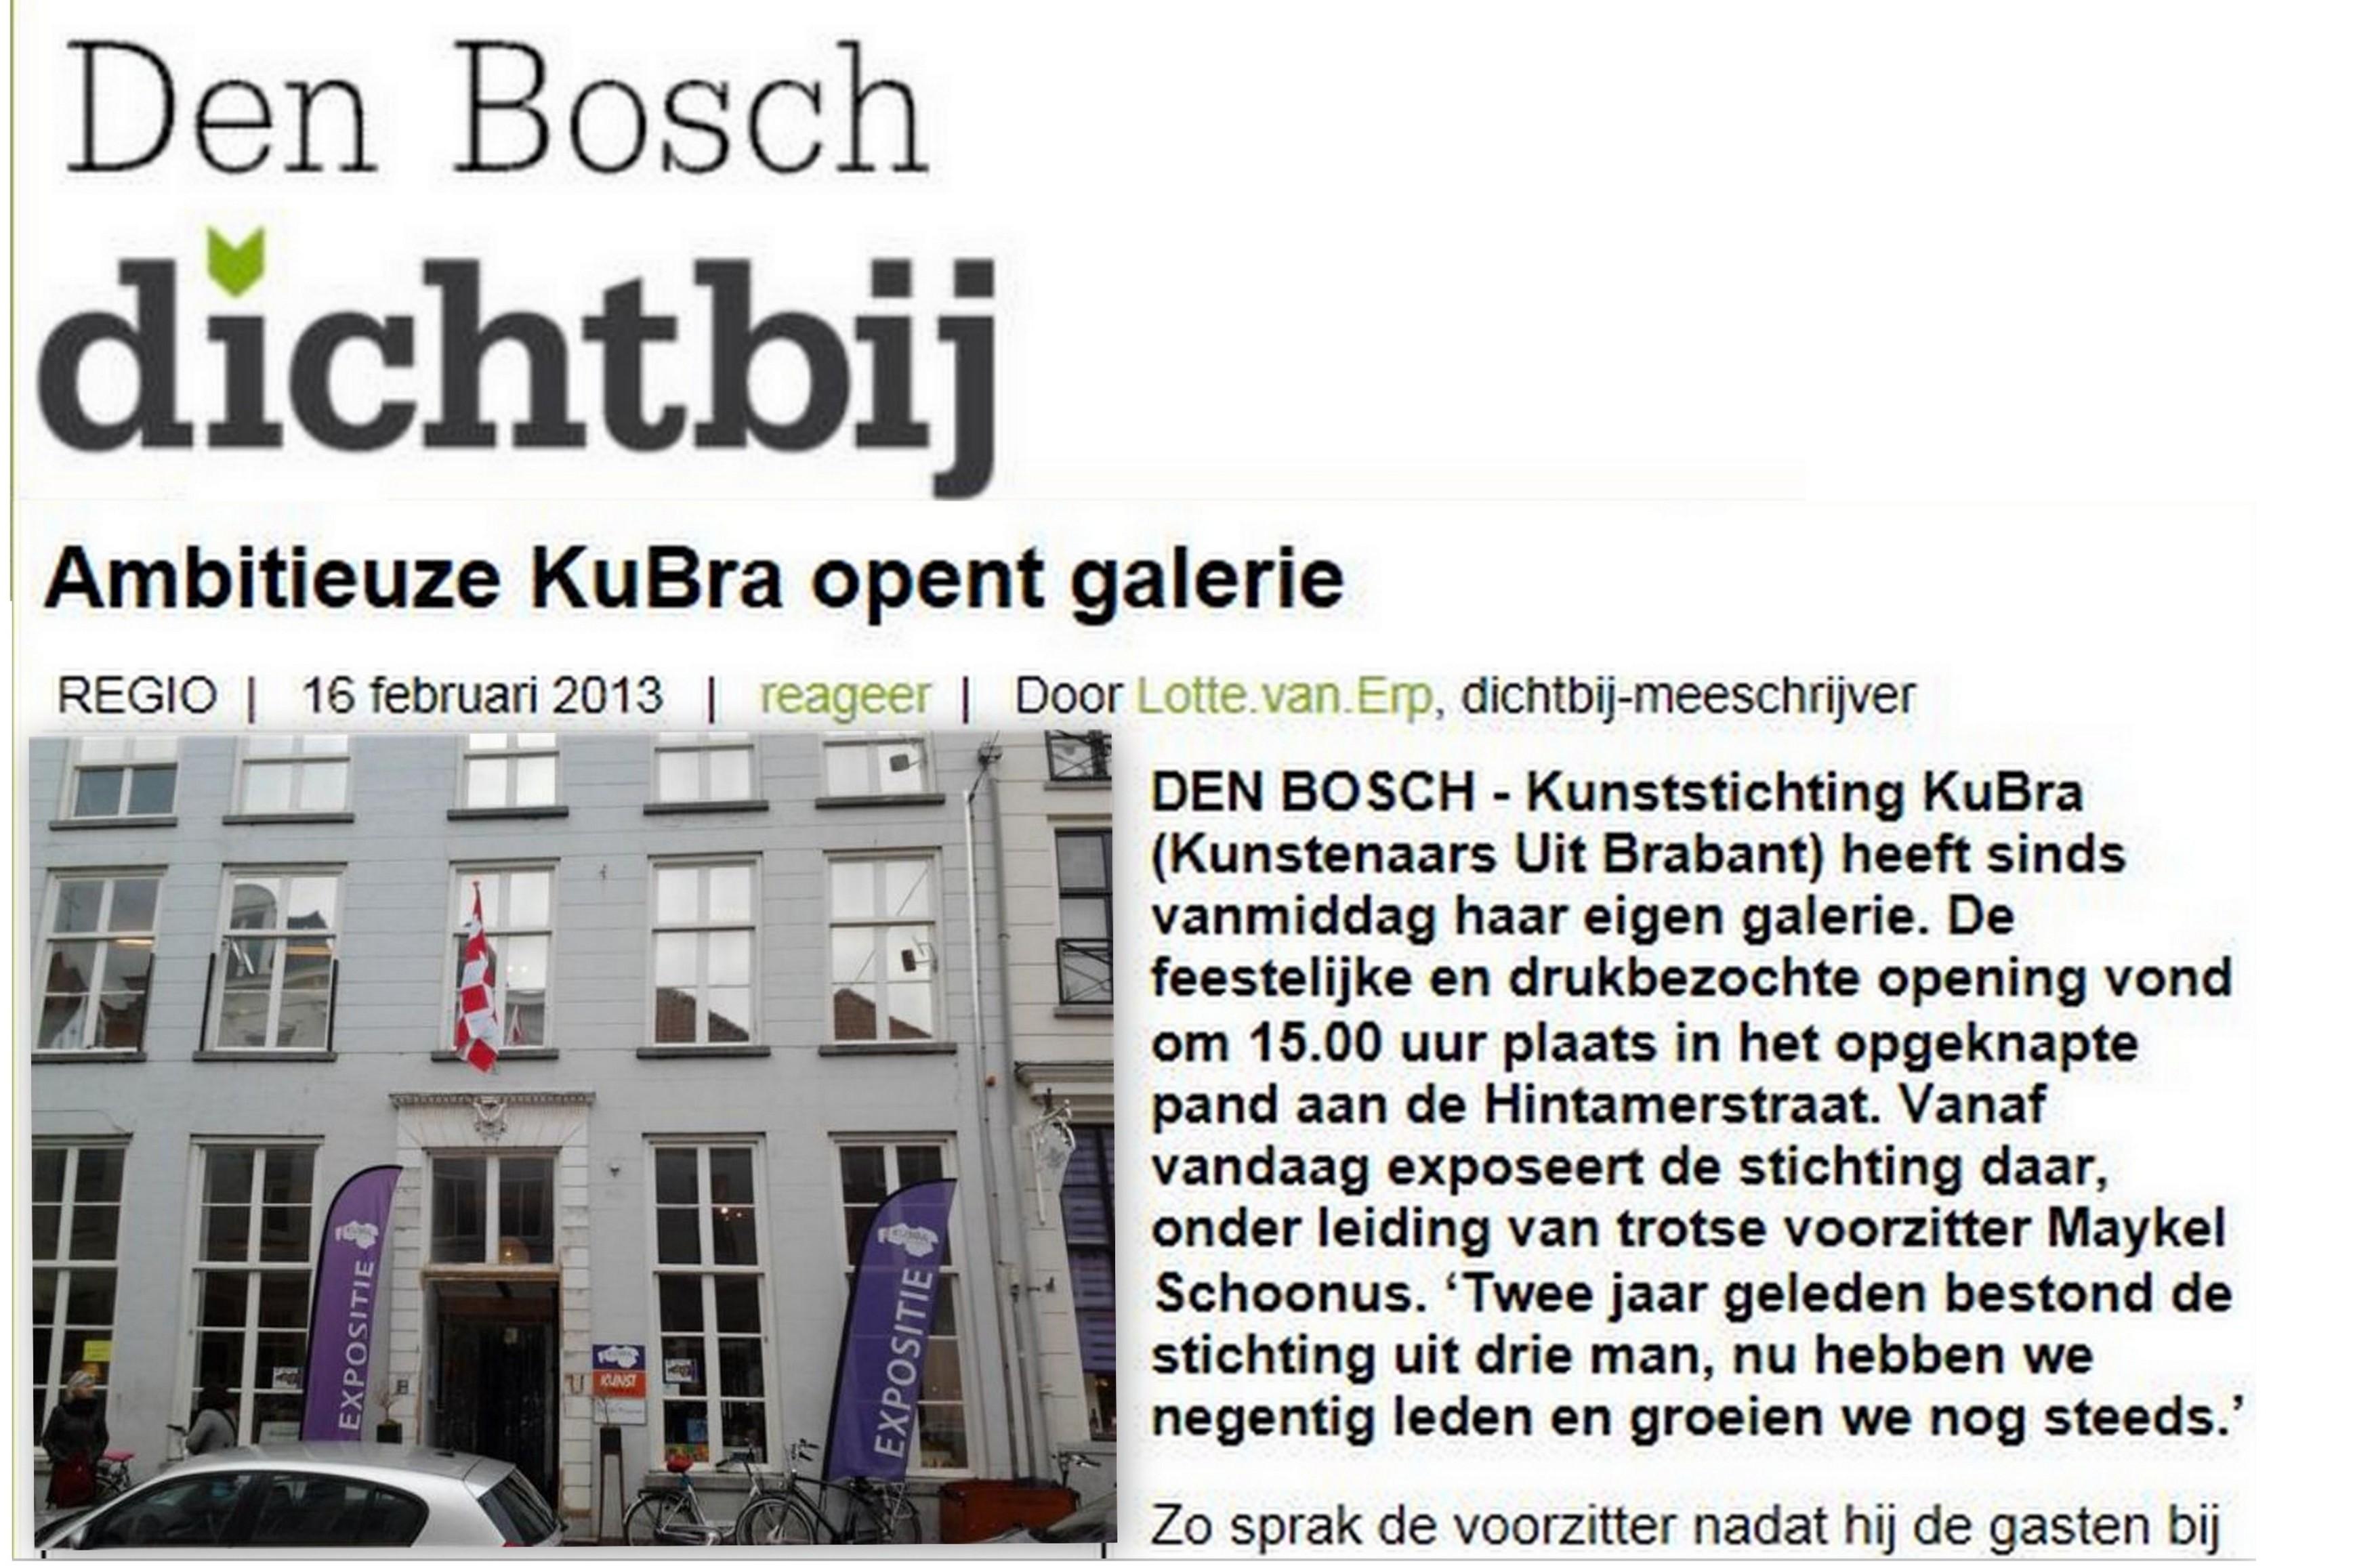 17 februari 2013 interview tijdens Opening Galerie met voorzitter